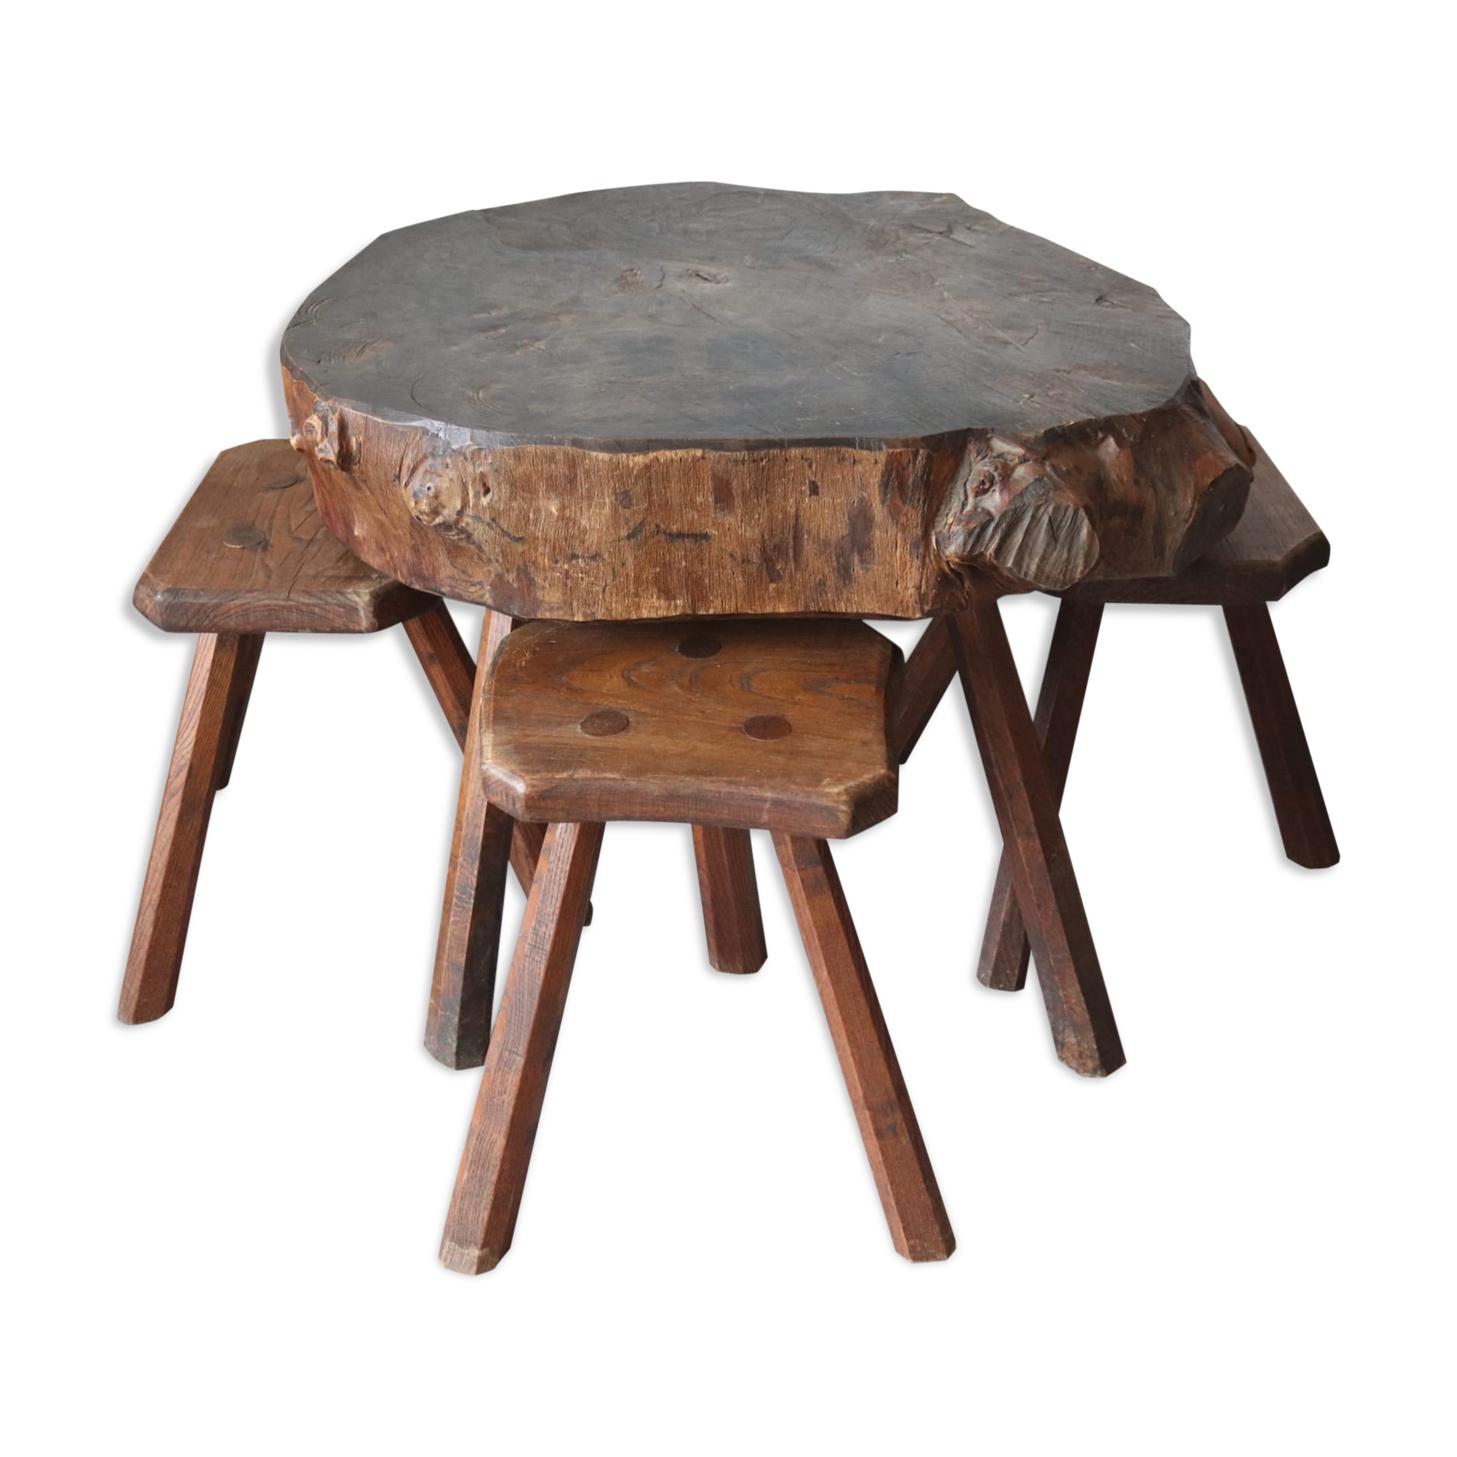 Table basse et tabourets brutaliste en orme massif années 50-60